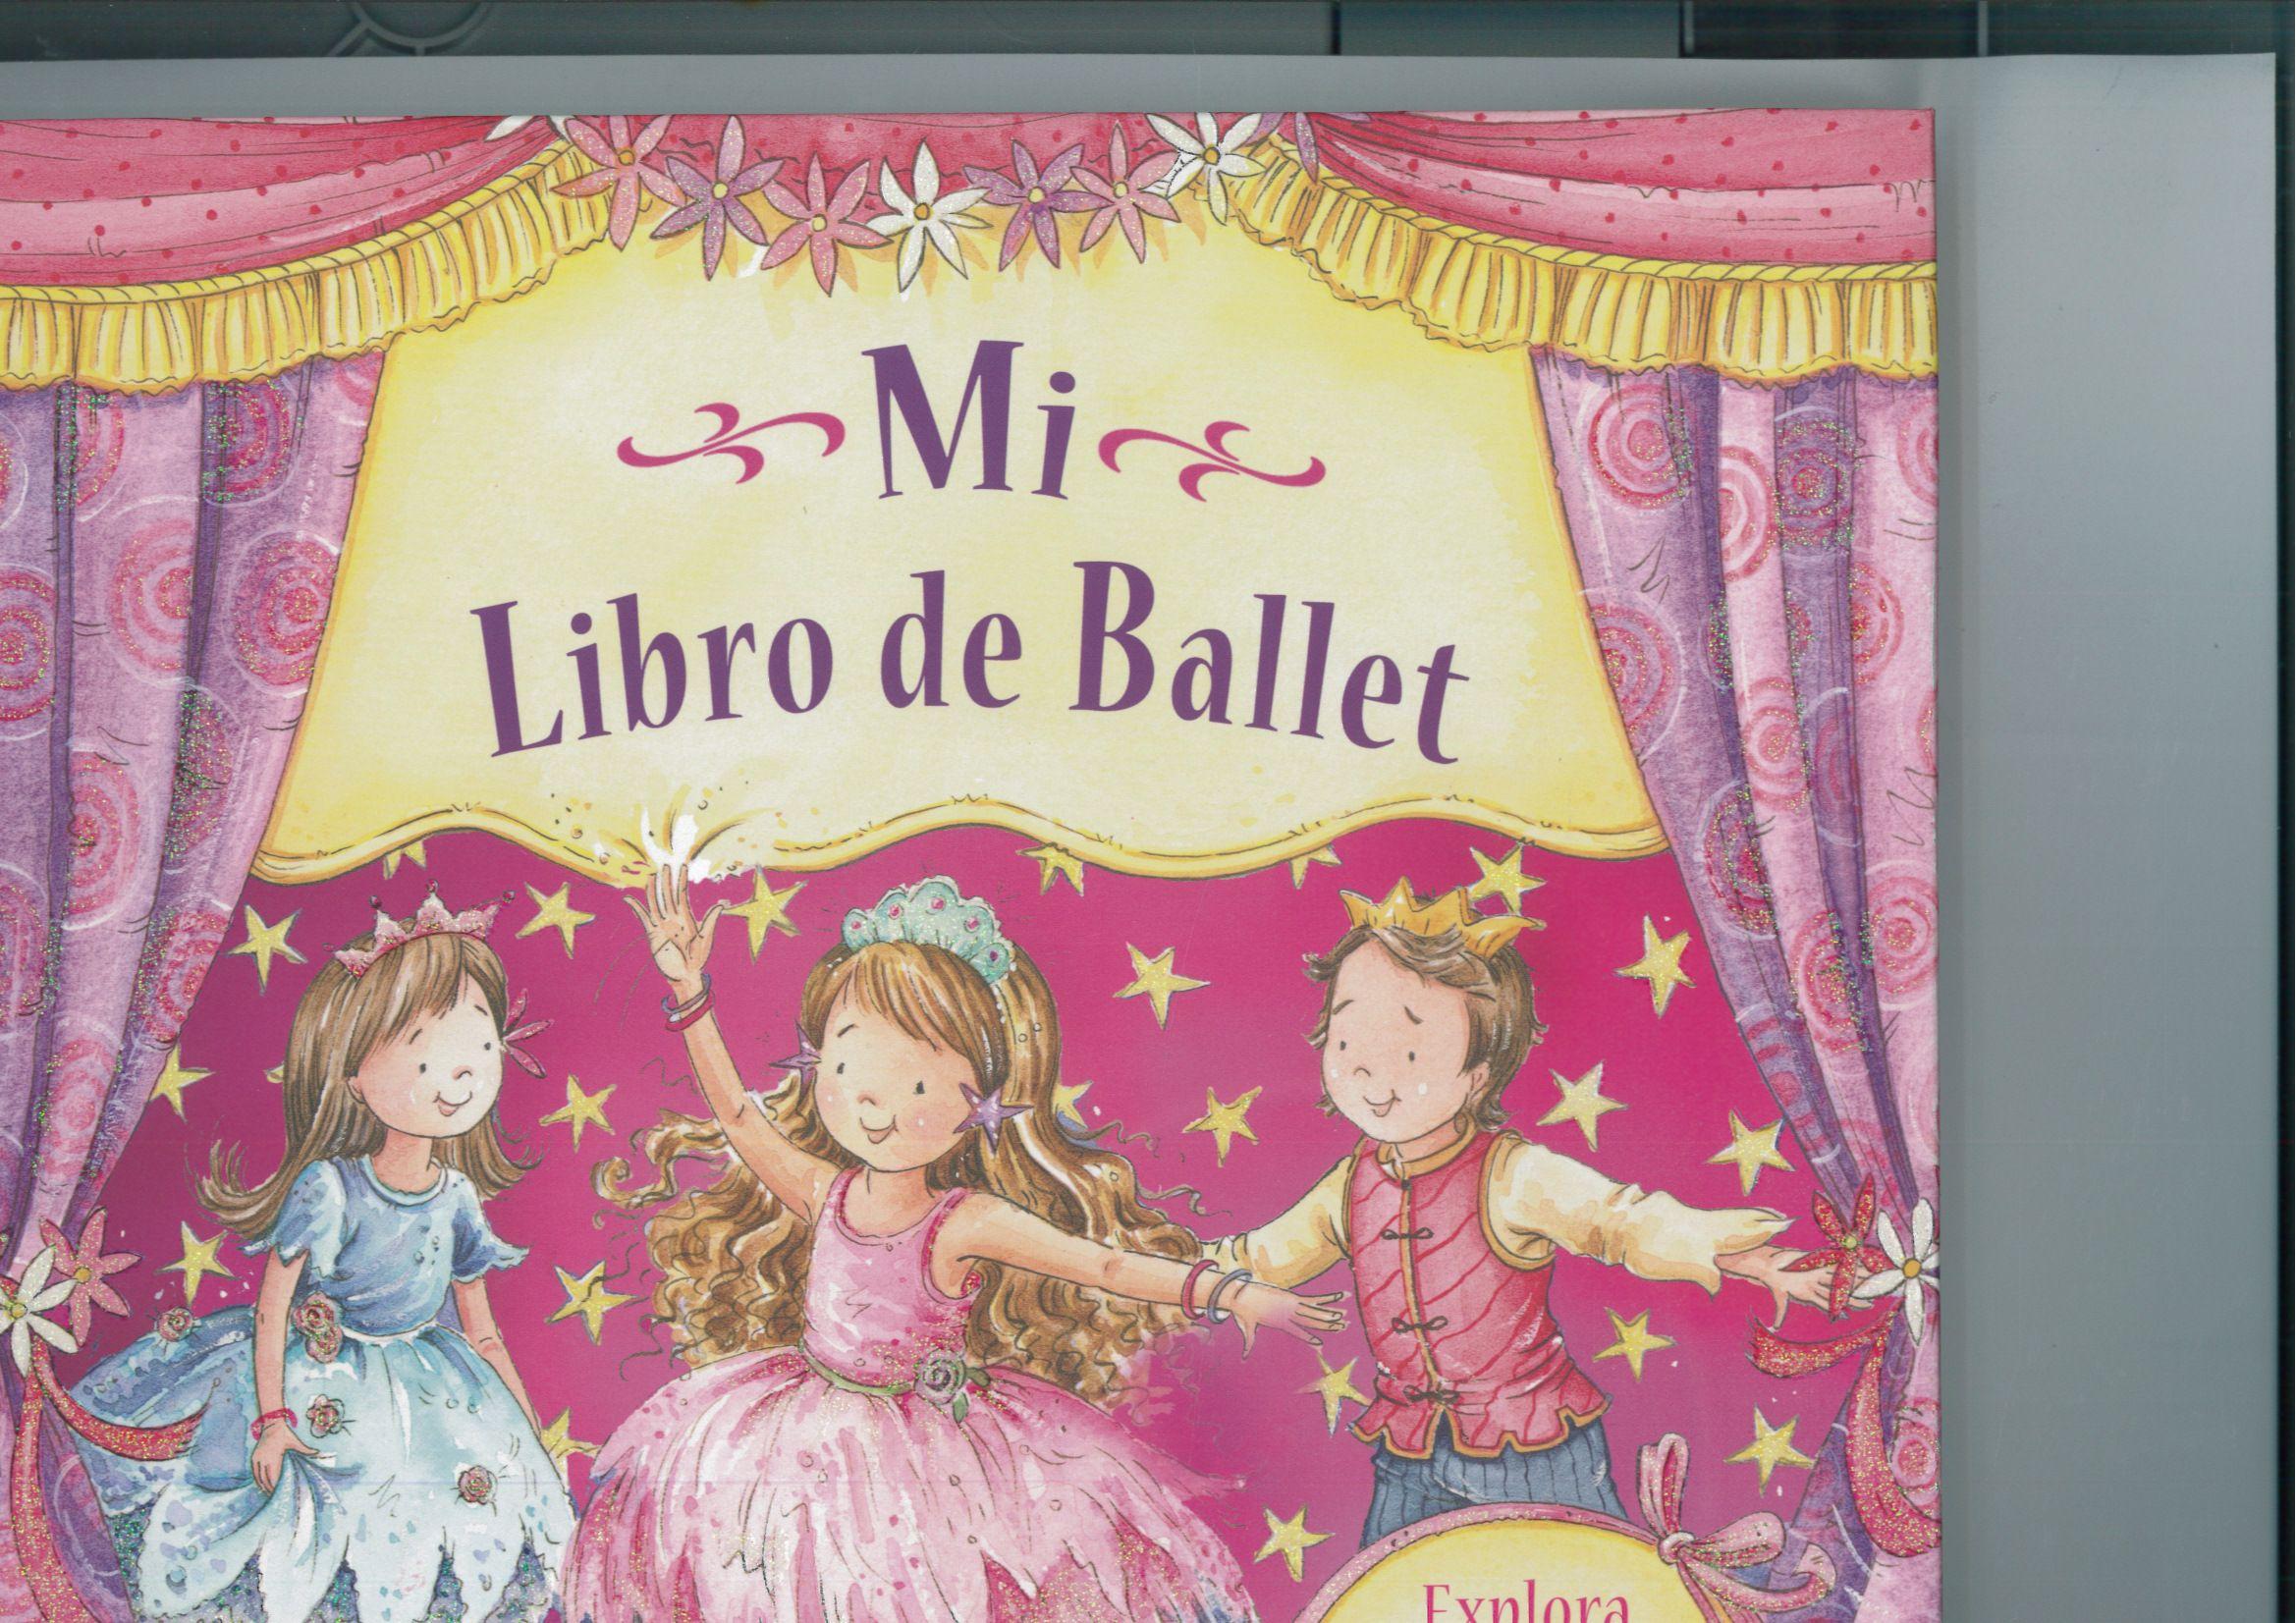 ¡Qué ilusión! ¡Los alumnos están preparando su primer festival de ballet! Todos quieren hacerlo muy bien, pero... ¿Será Bea capaz de dominar su melenita rebelde? ¿Podrá Emma superar el miedo a actuar en público? ¿Saldrá todo bien? Nicola Baxter: Mi libro de ballet (Libros del Atril)